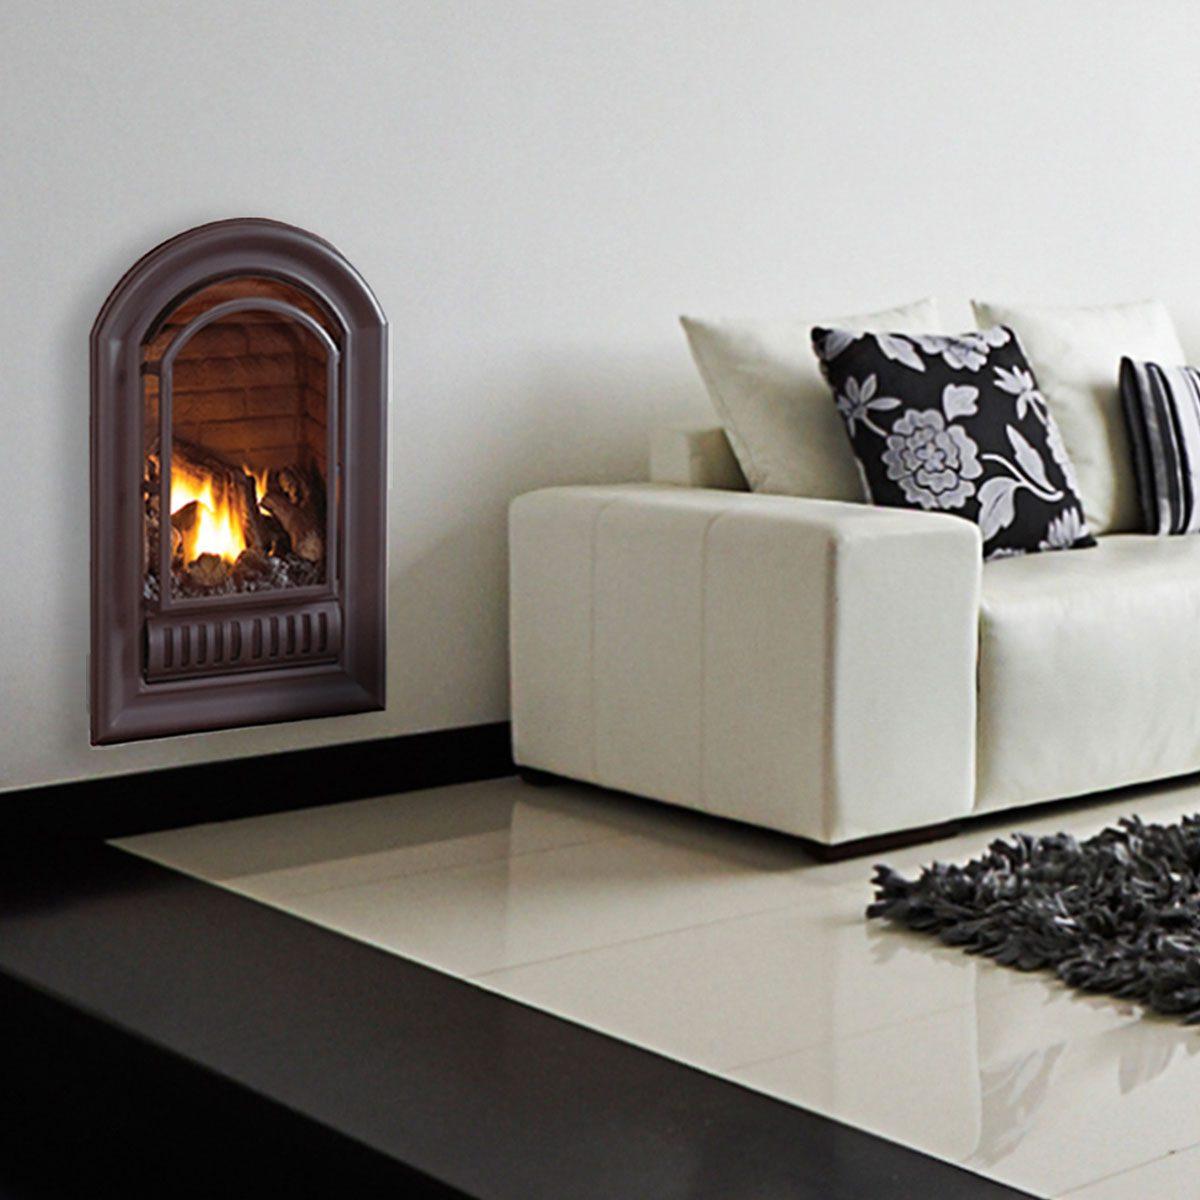 Gas Fireplace Insert Ani Ali 1 15461.1468857587.1280.1280